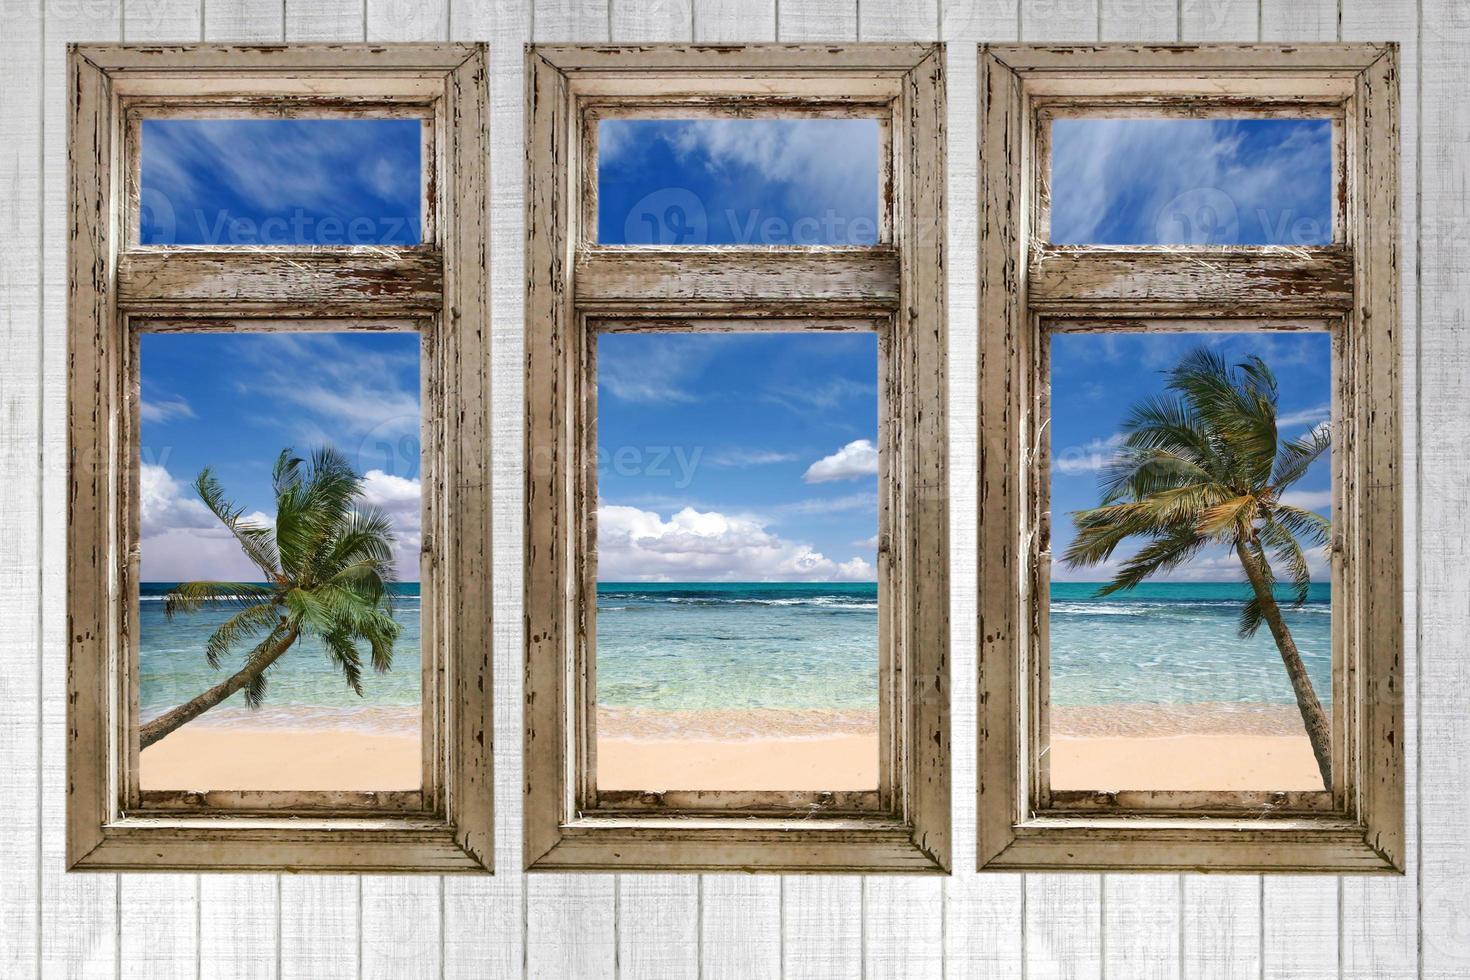 vista al mar desde una cabaña vintage foto